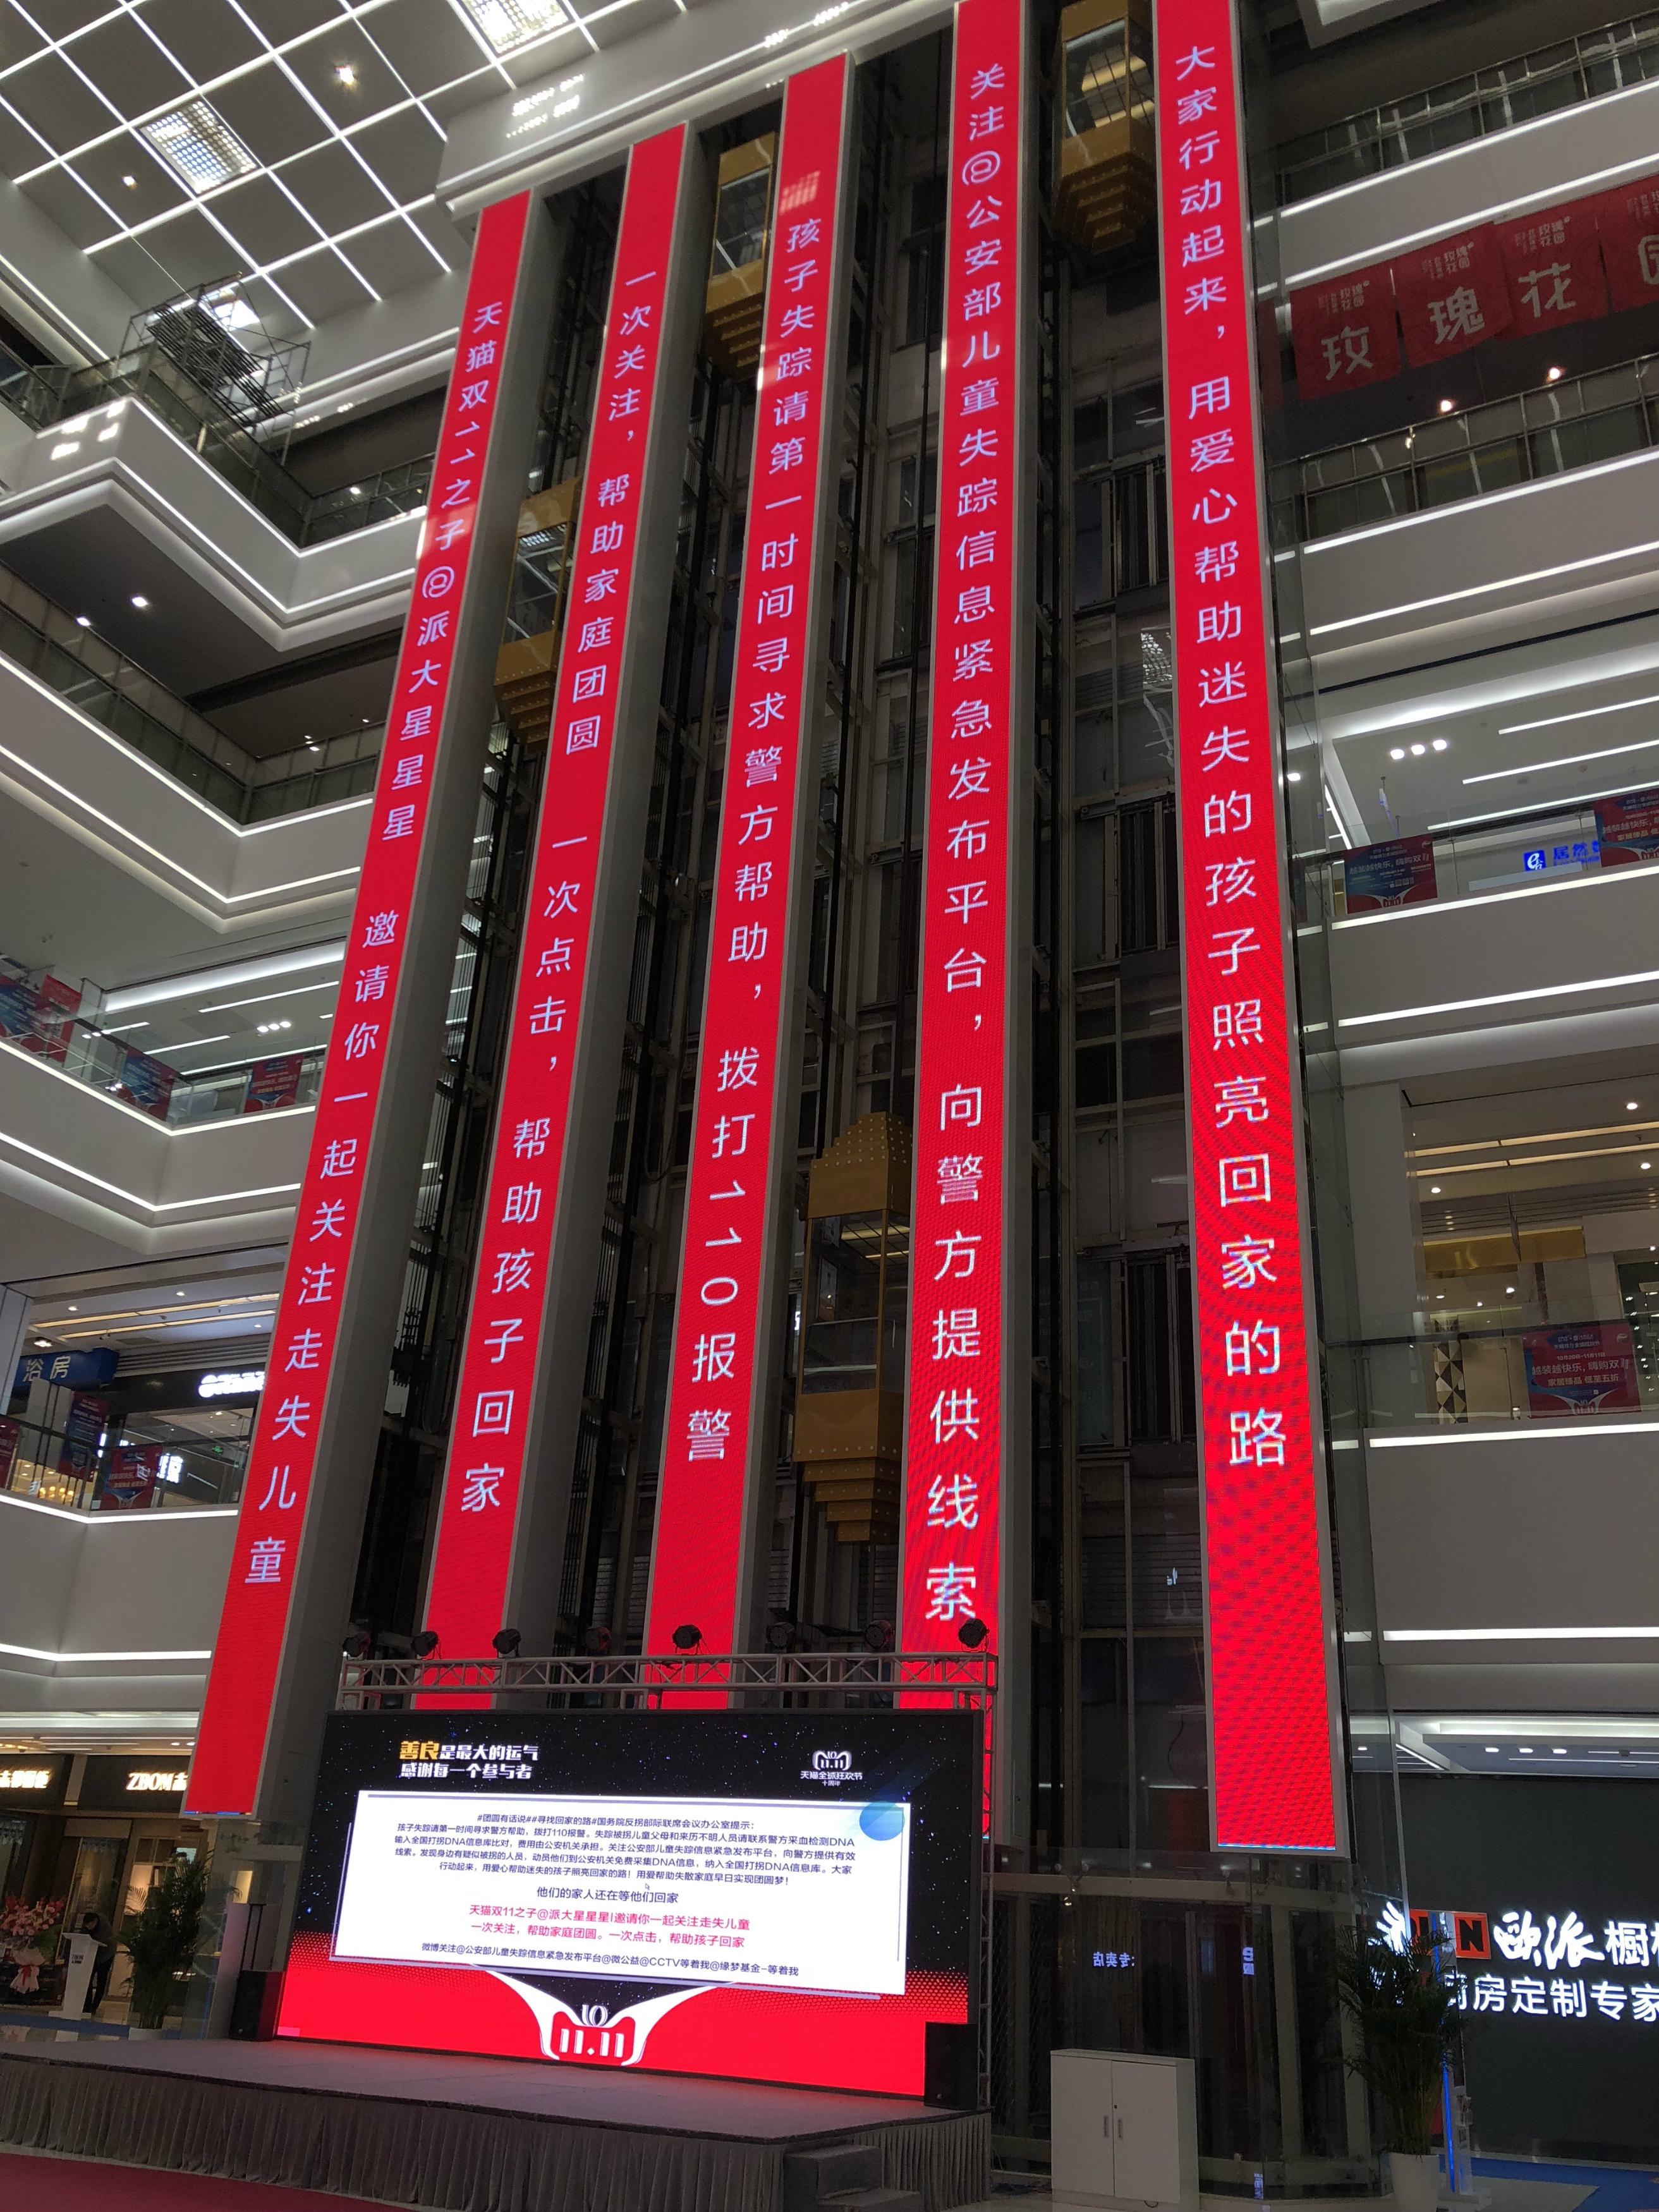 居然之家天猫新零售智慧生活馆的百米挑高电子屏助力走失儿童宣导